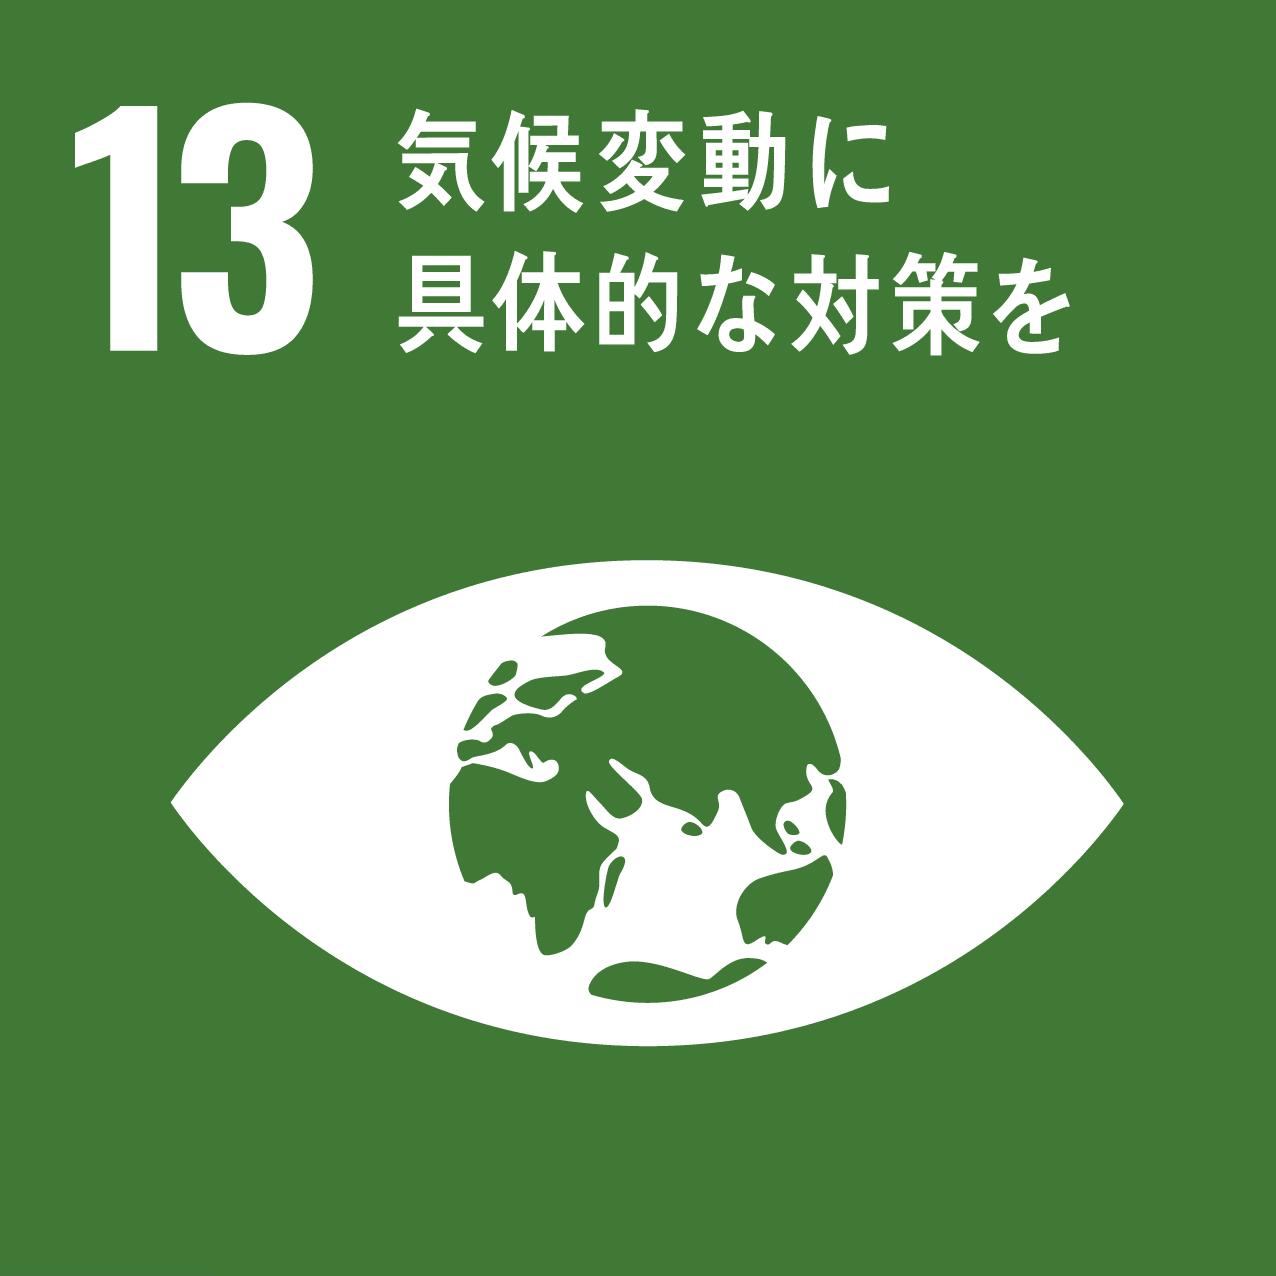 SDGsアイコン13.気候変動に具体的な対策を